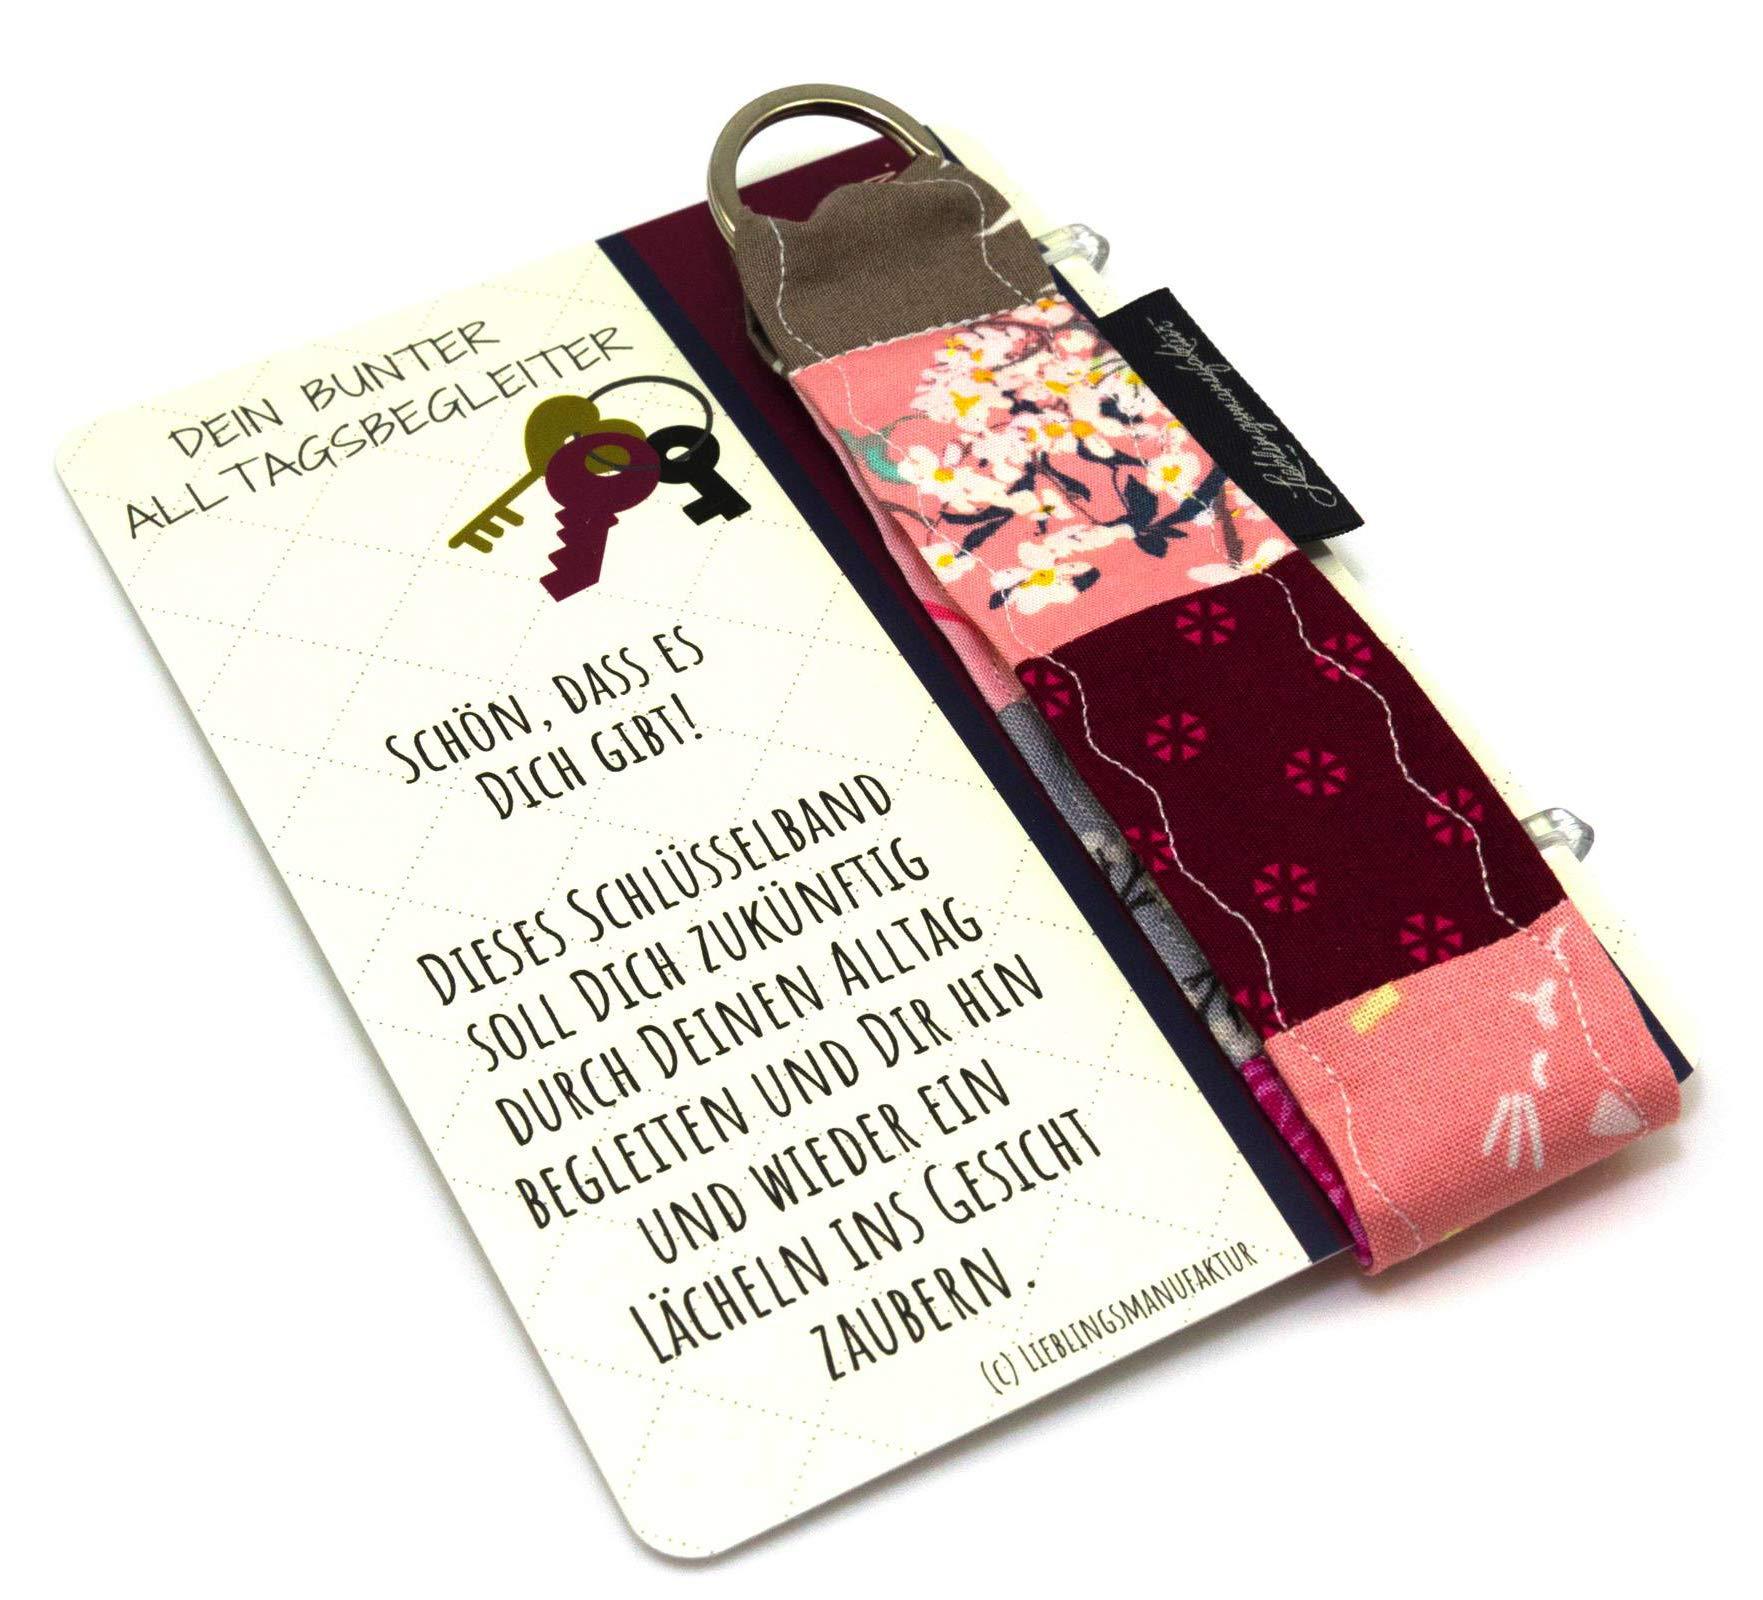 Danke an Freundin – Schön, dass es Dich gibt – Geschenk zur Freundschaft unter Freundinnen – persönliche Geschenkidee aus Karte und Schlüsselanhänger, die ein Lächeln ins Gesicht zaubert Bild